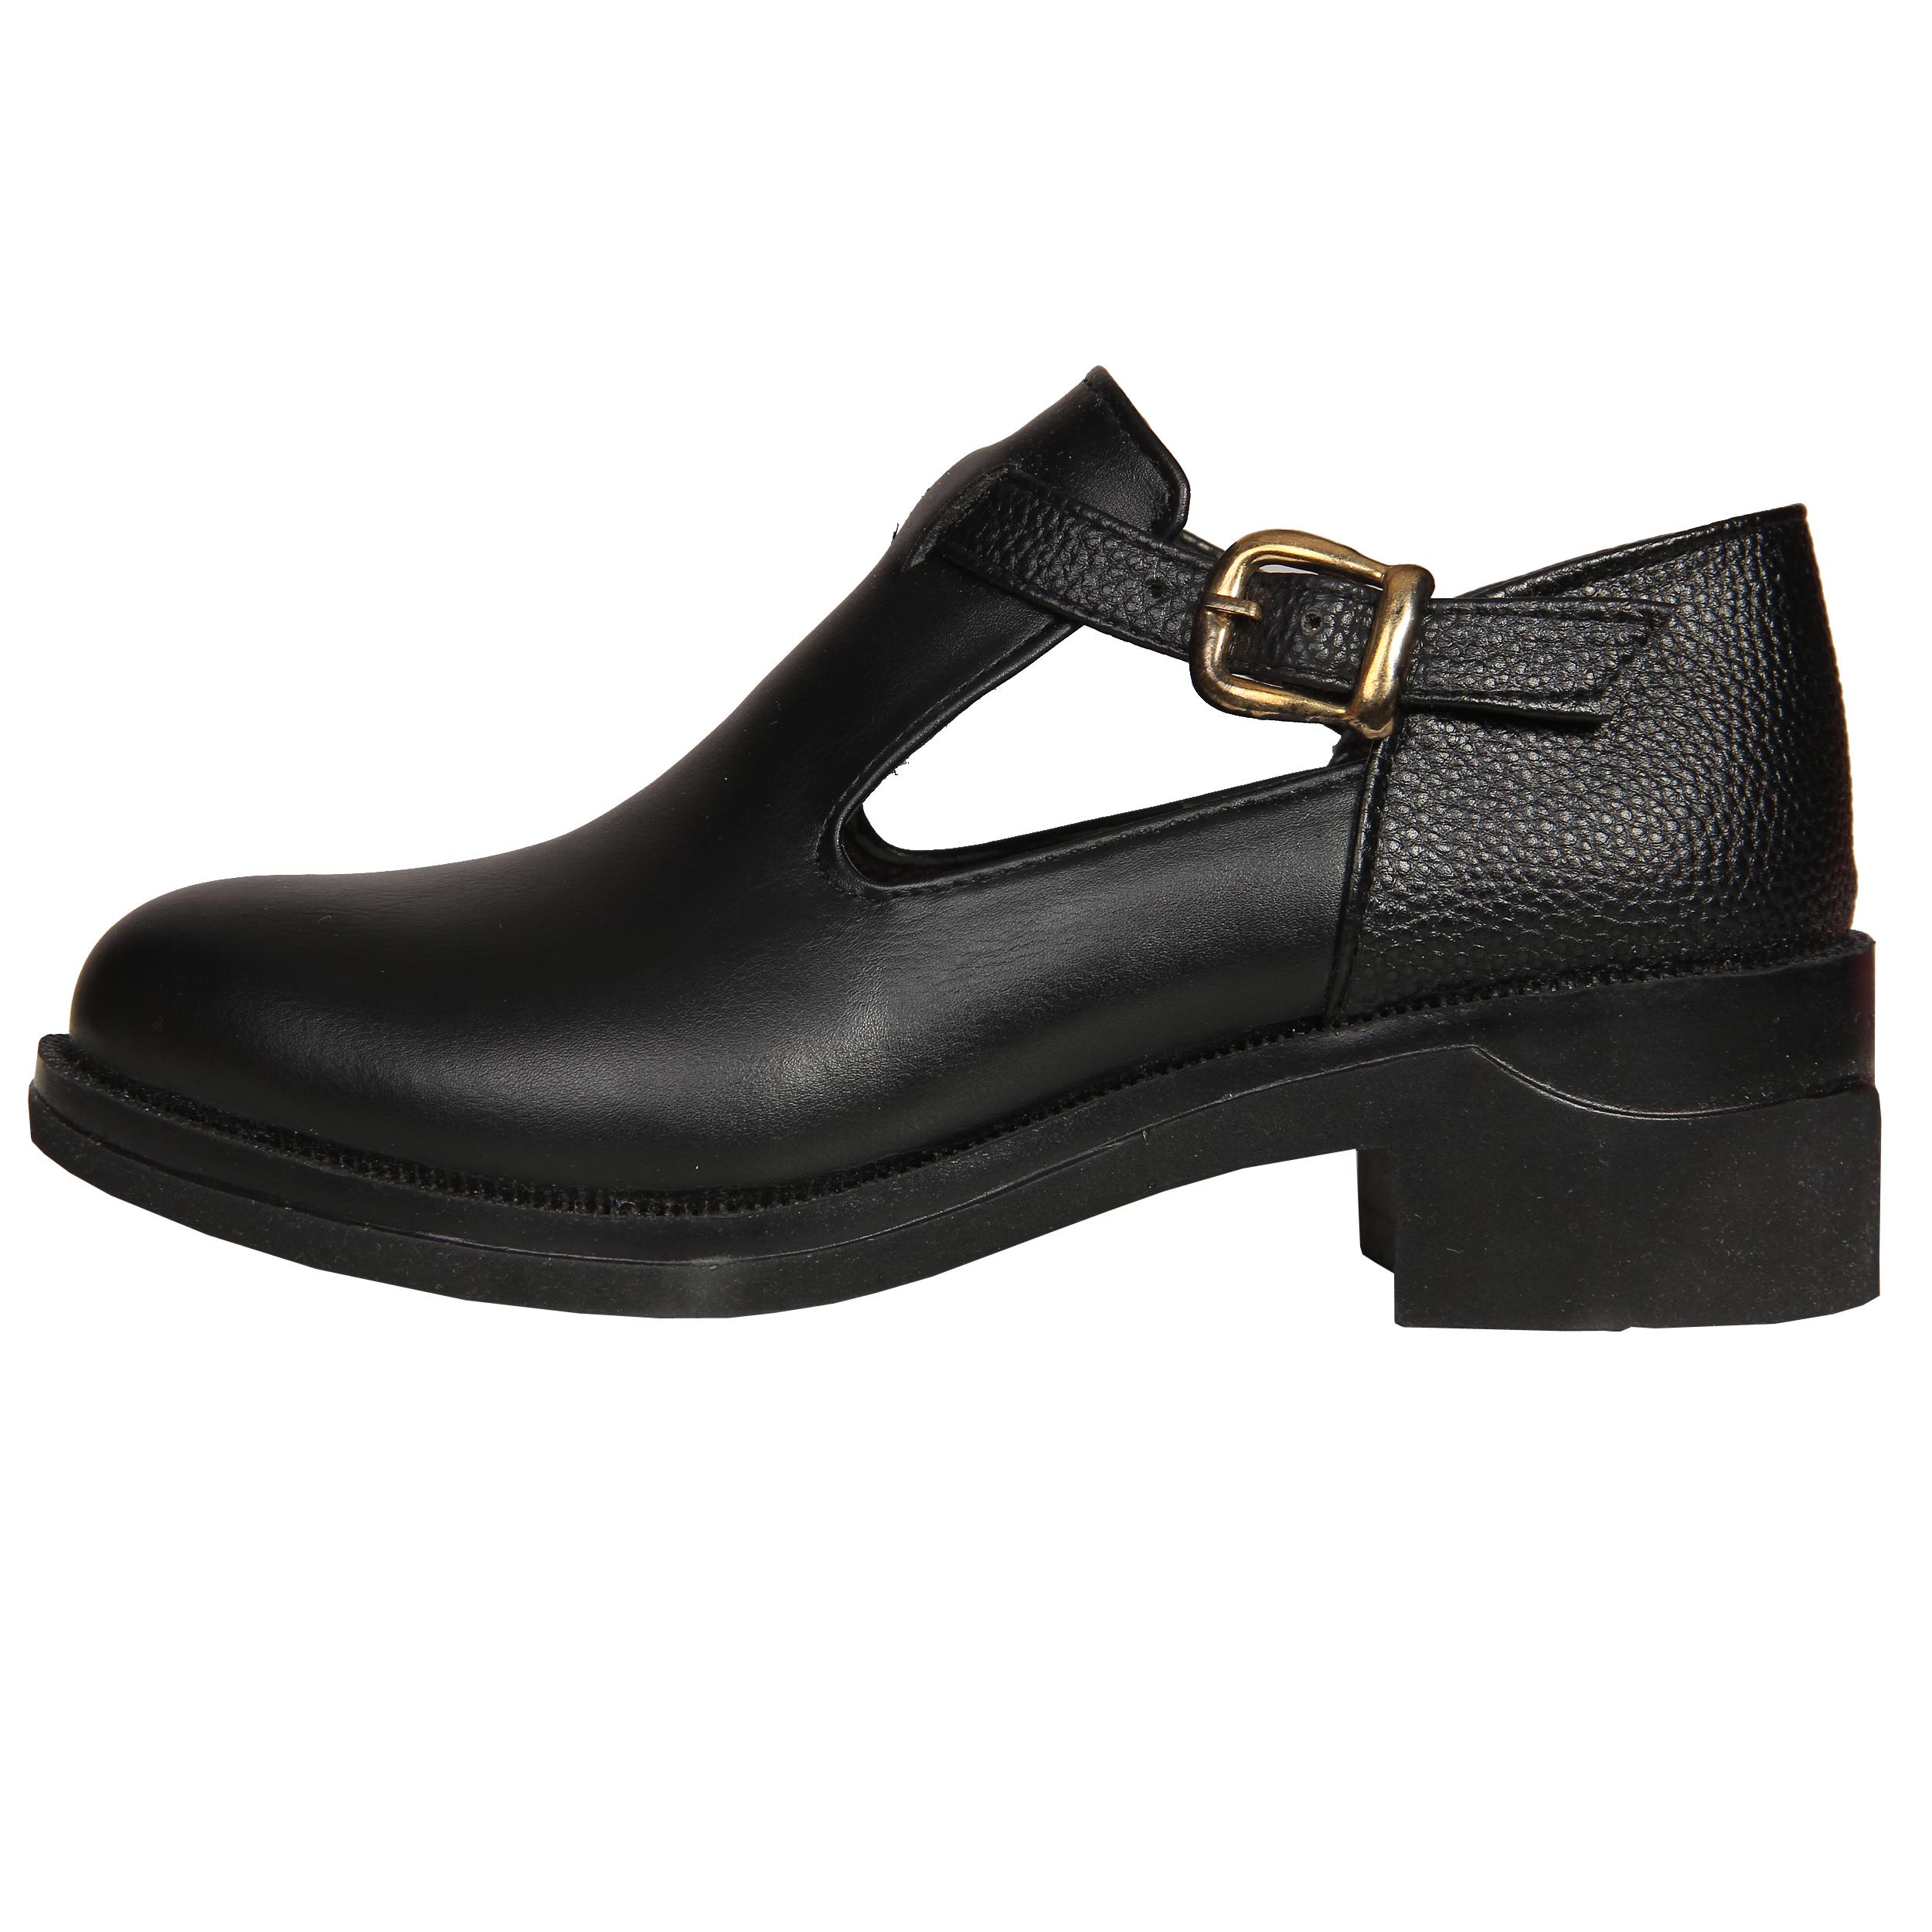 کفش تخت زنانه کد 402185